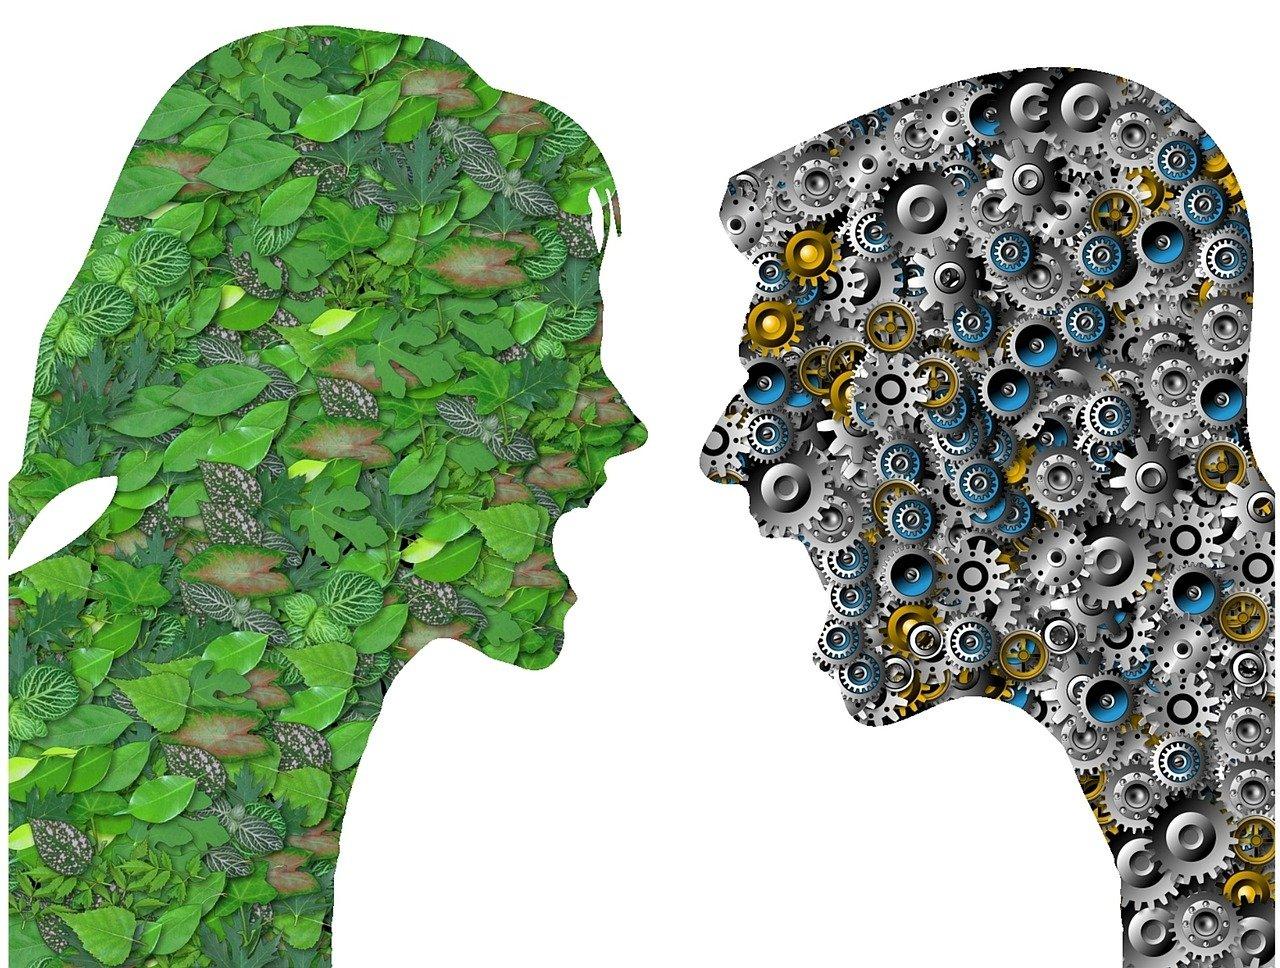 référencement naturel et écologie